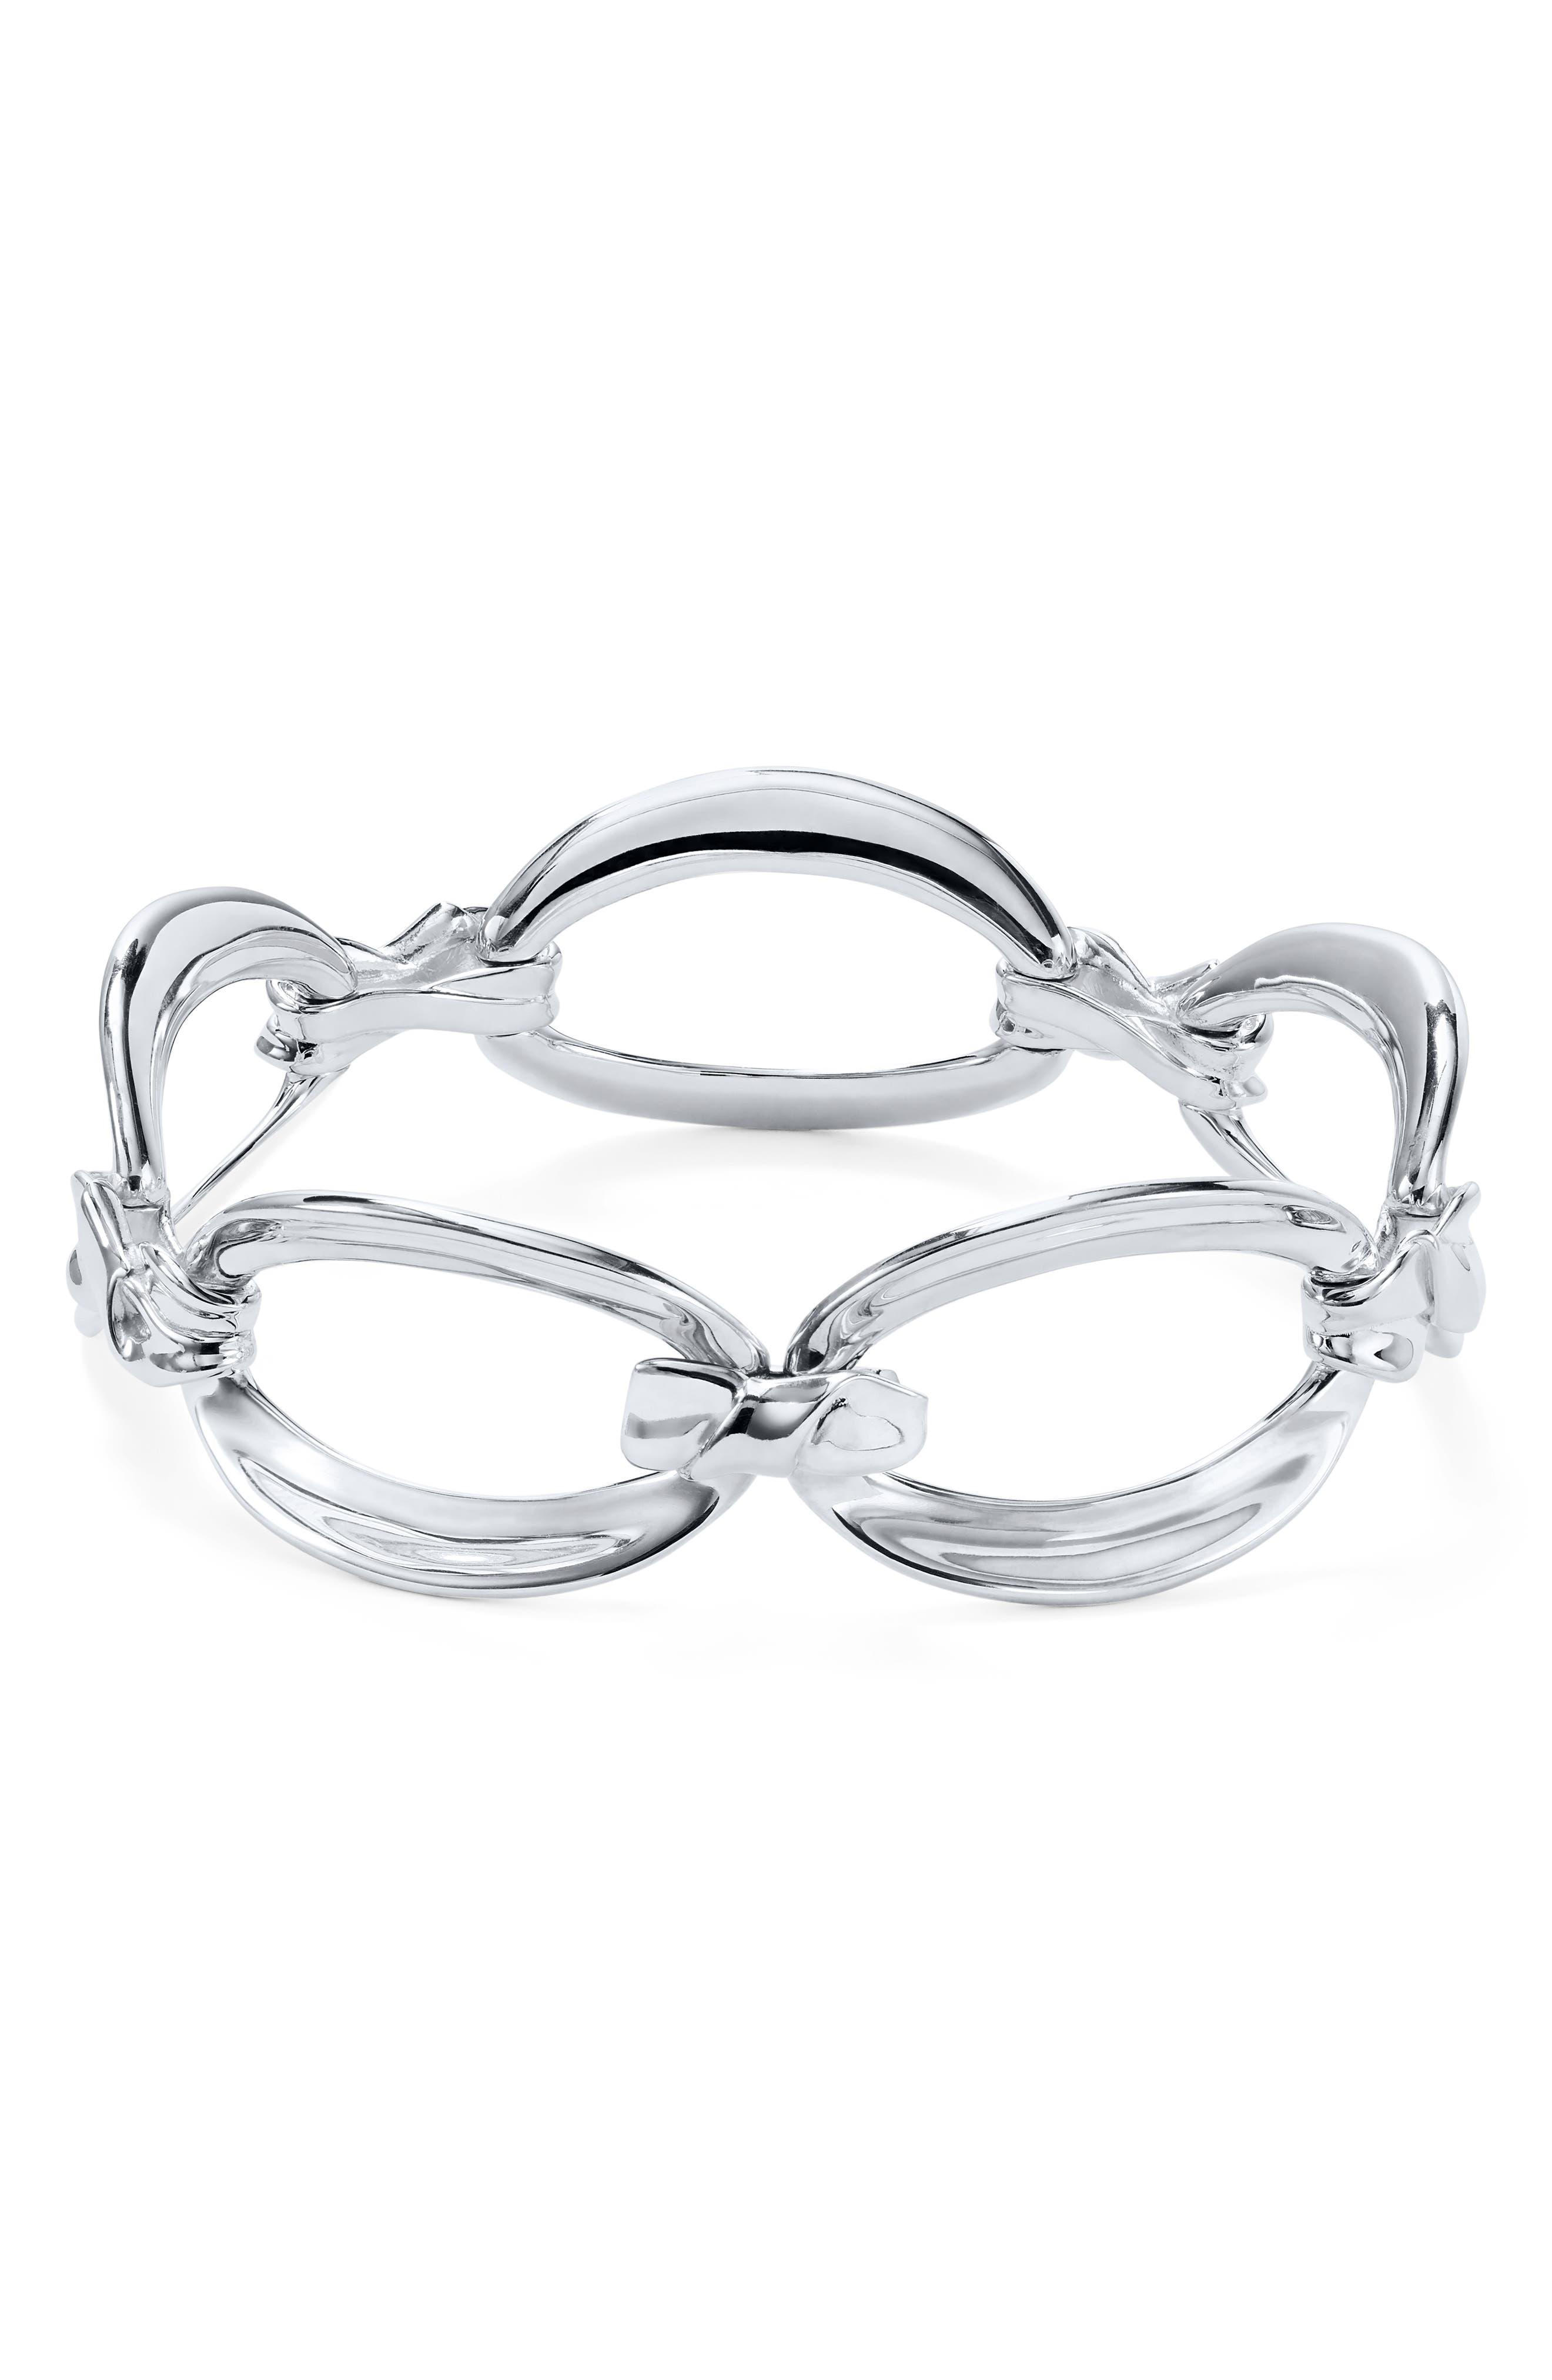 Bracelet tom hope homme galerie lafayette